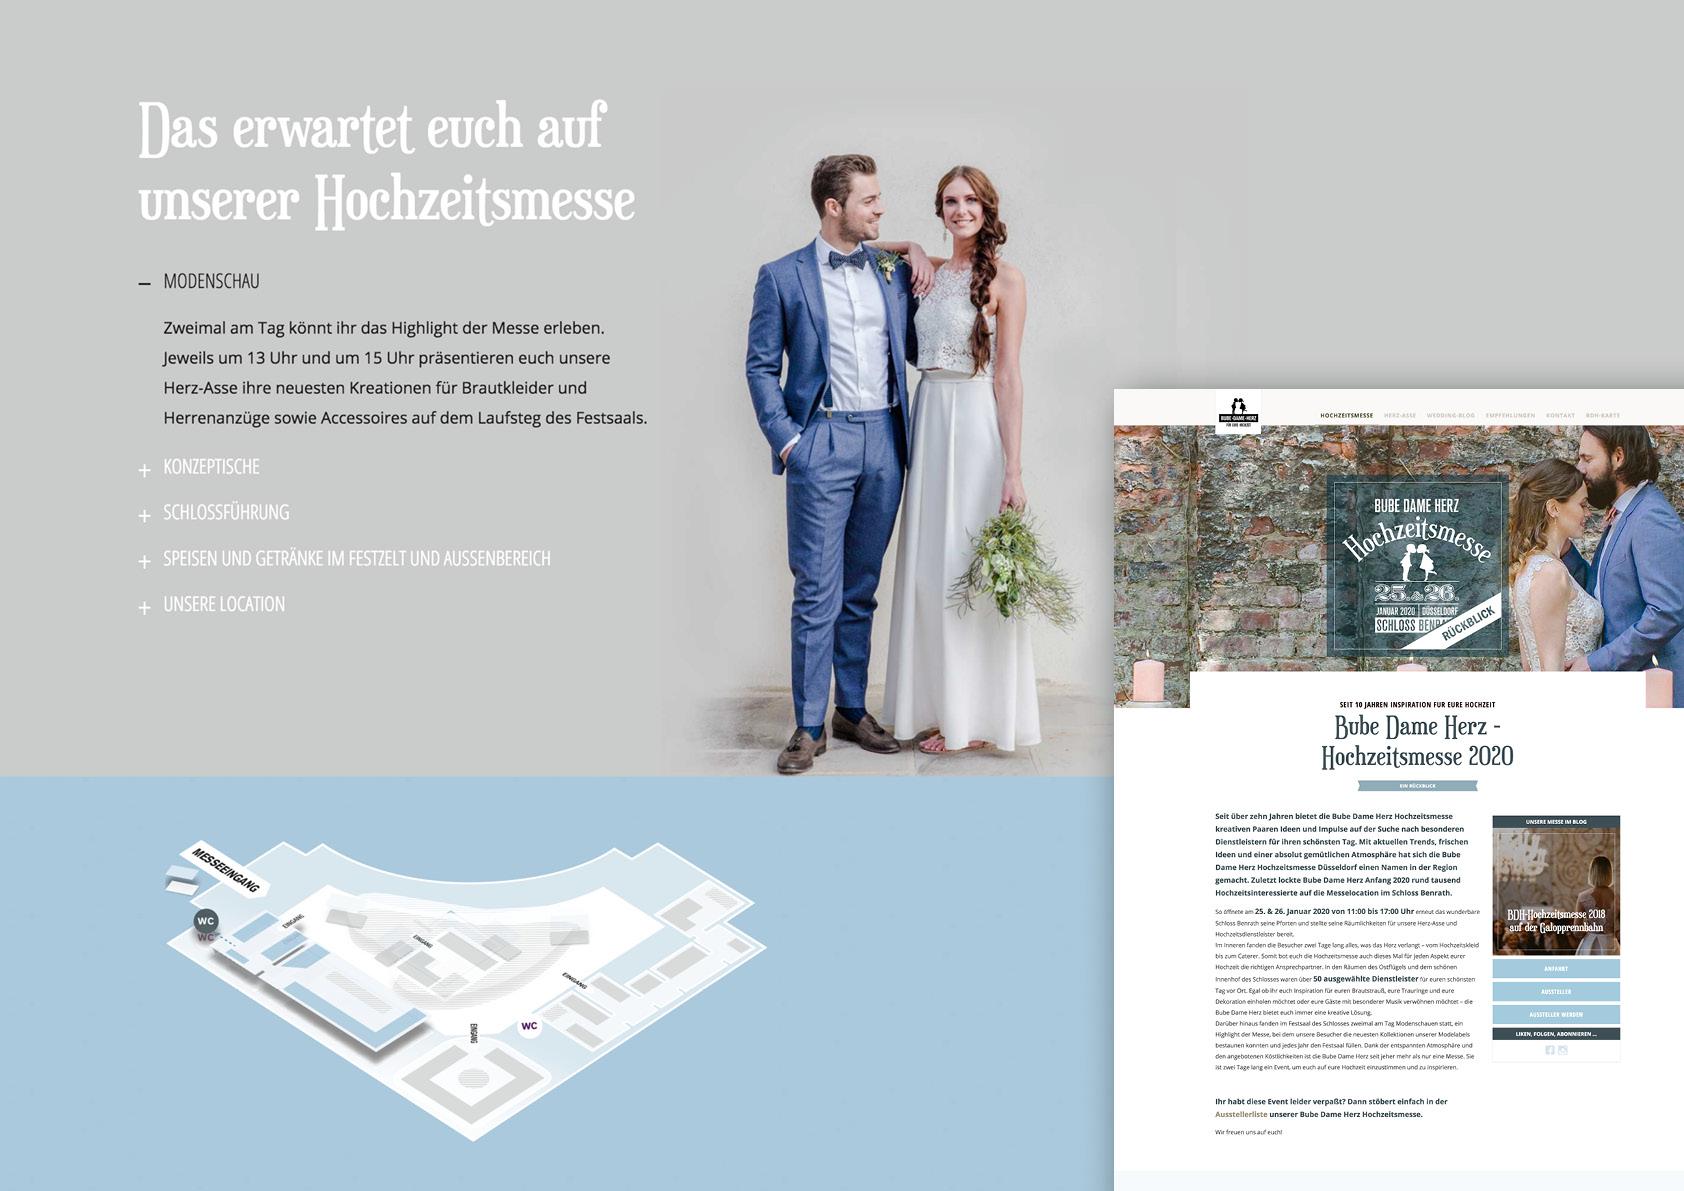 Grafische Elemente der Webseite zu unserer Hochzeitsmesse